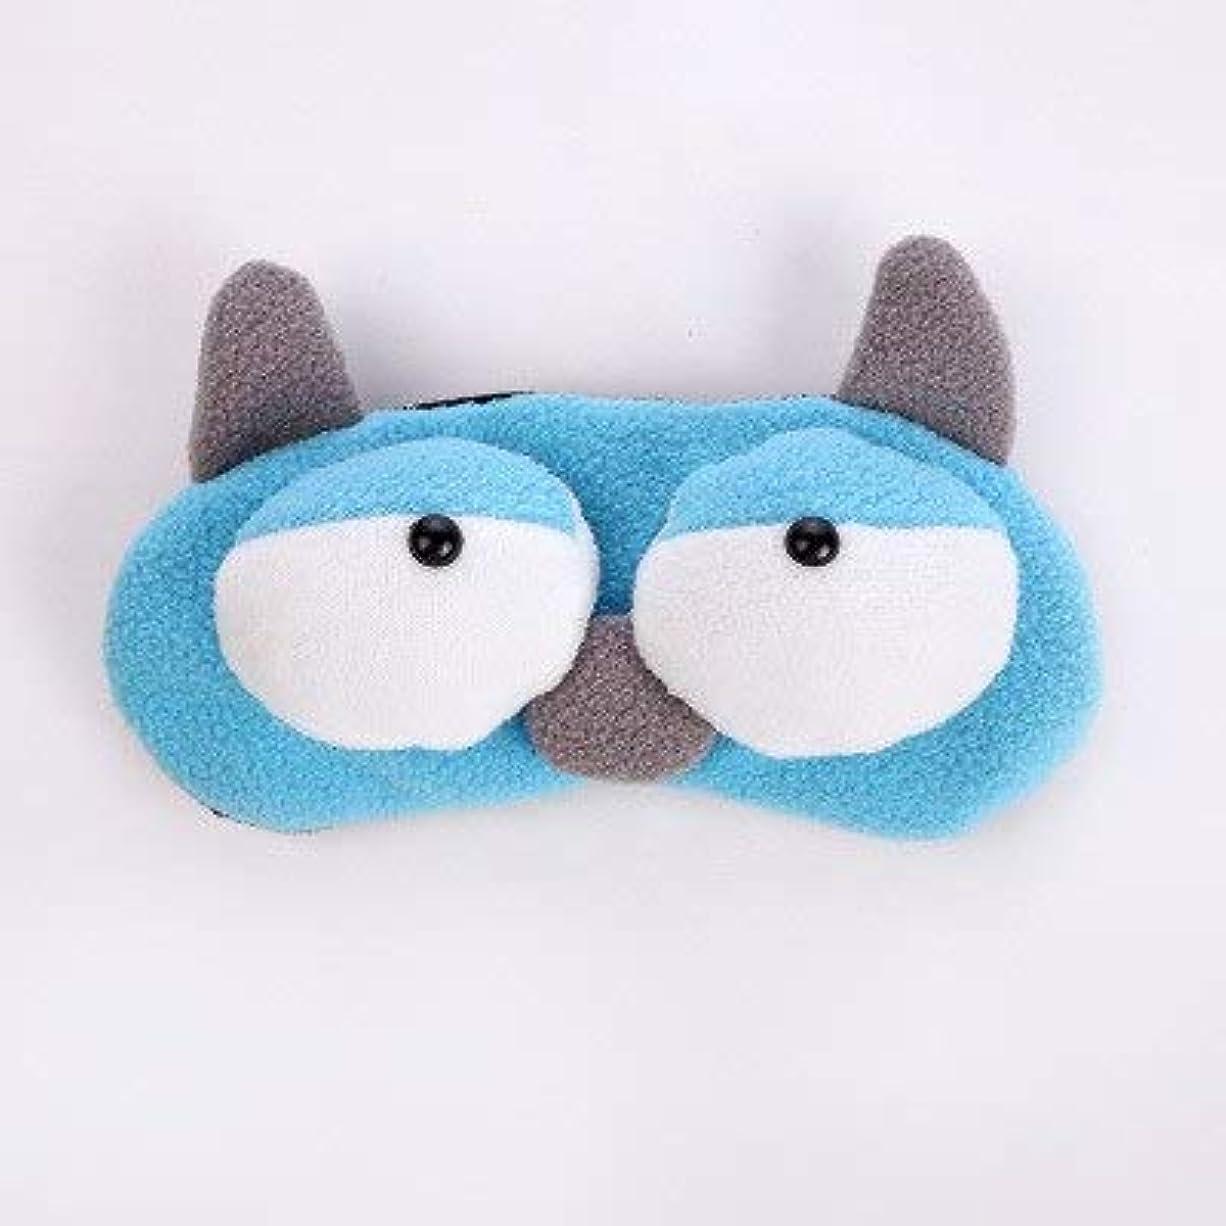 セイはさておきベルベット監督するNOTE 1ピースかわいい動物睡眠アイマスクパッド入りシェードカバーフランネル睡眠マスク休息旅行リラックス睡眠補助目隠しカバーアイパット